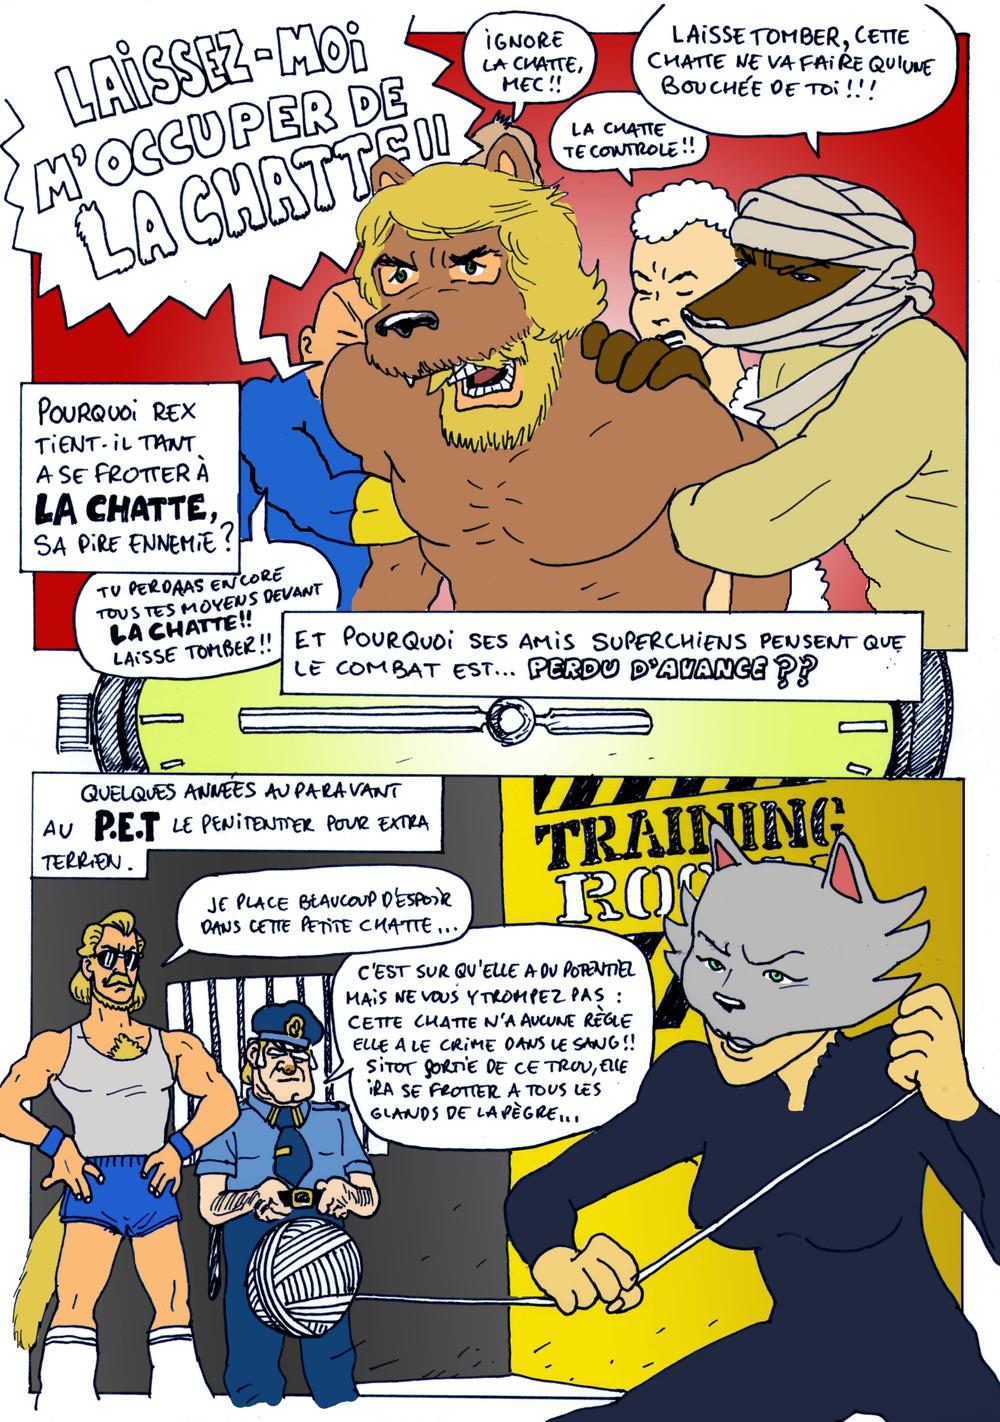 14-SOUS L'EMPRISE DE LA CHATTE 2.jpg